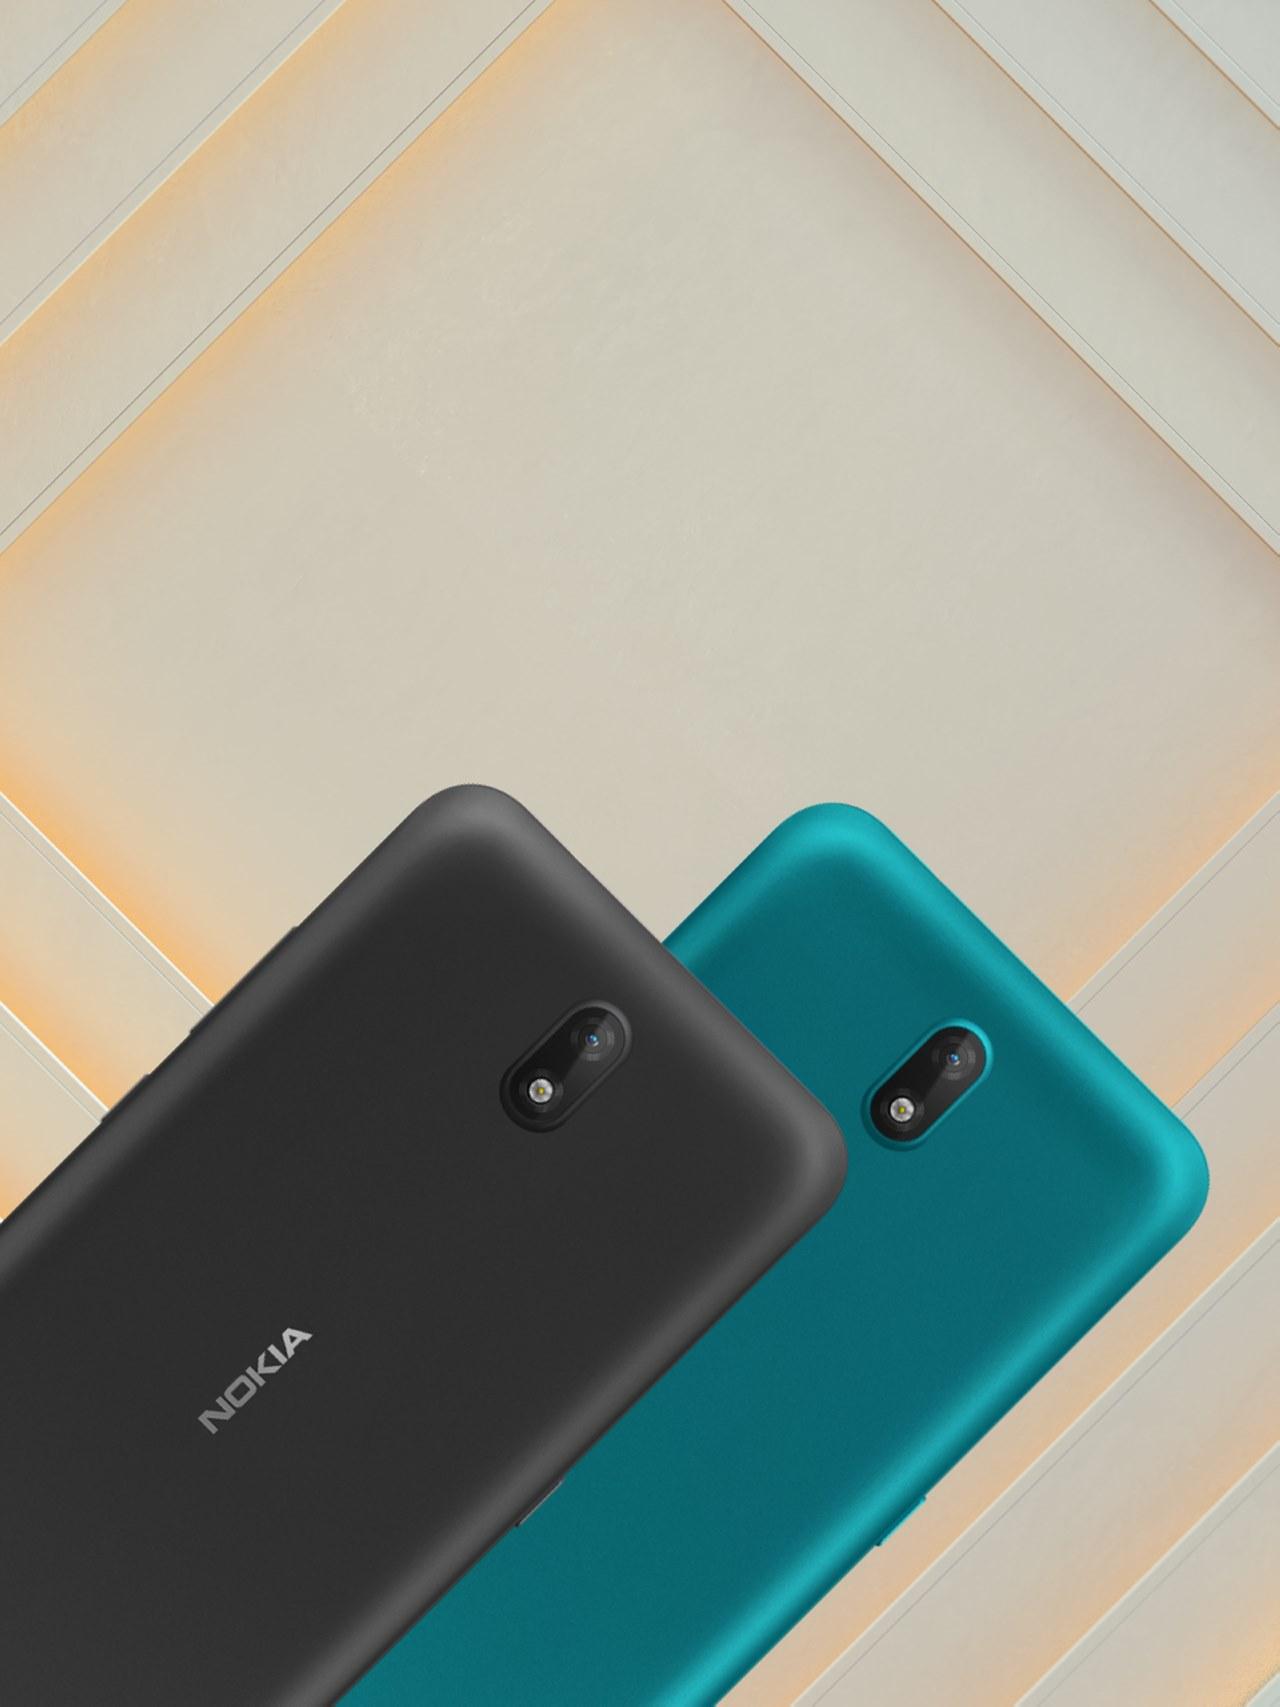 Nokia tiếp tục tung ra smartphone C2 cho người mới chuyển lên từ điện thoại